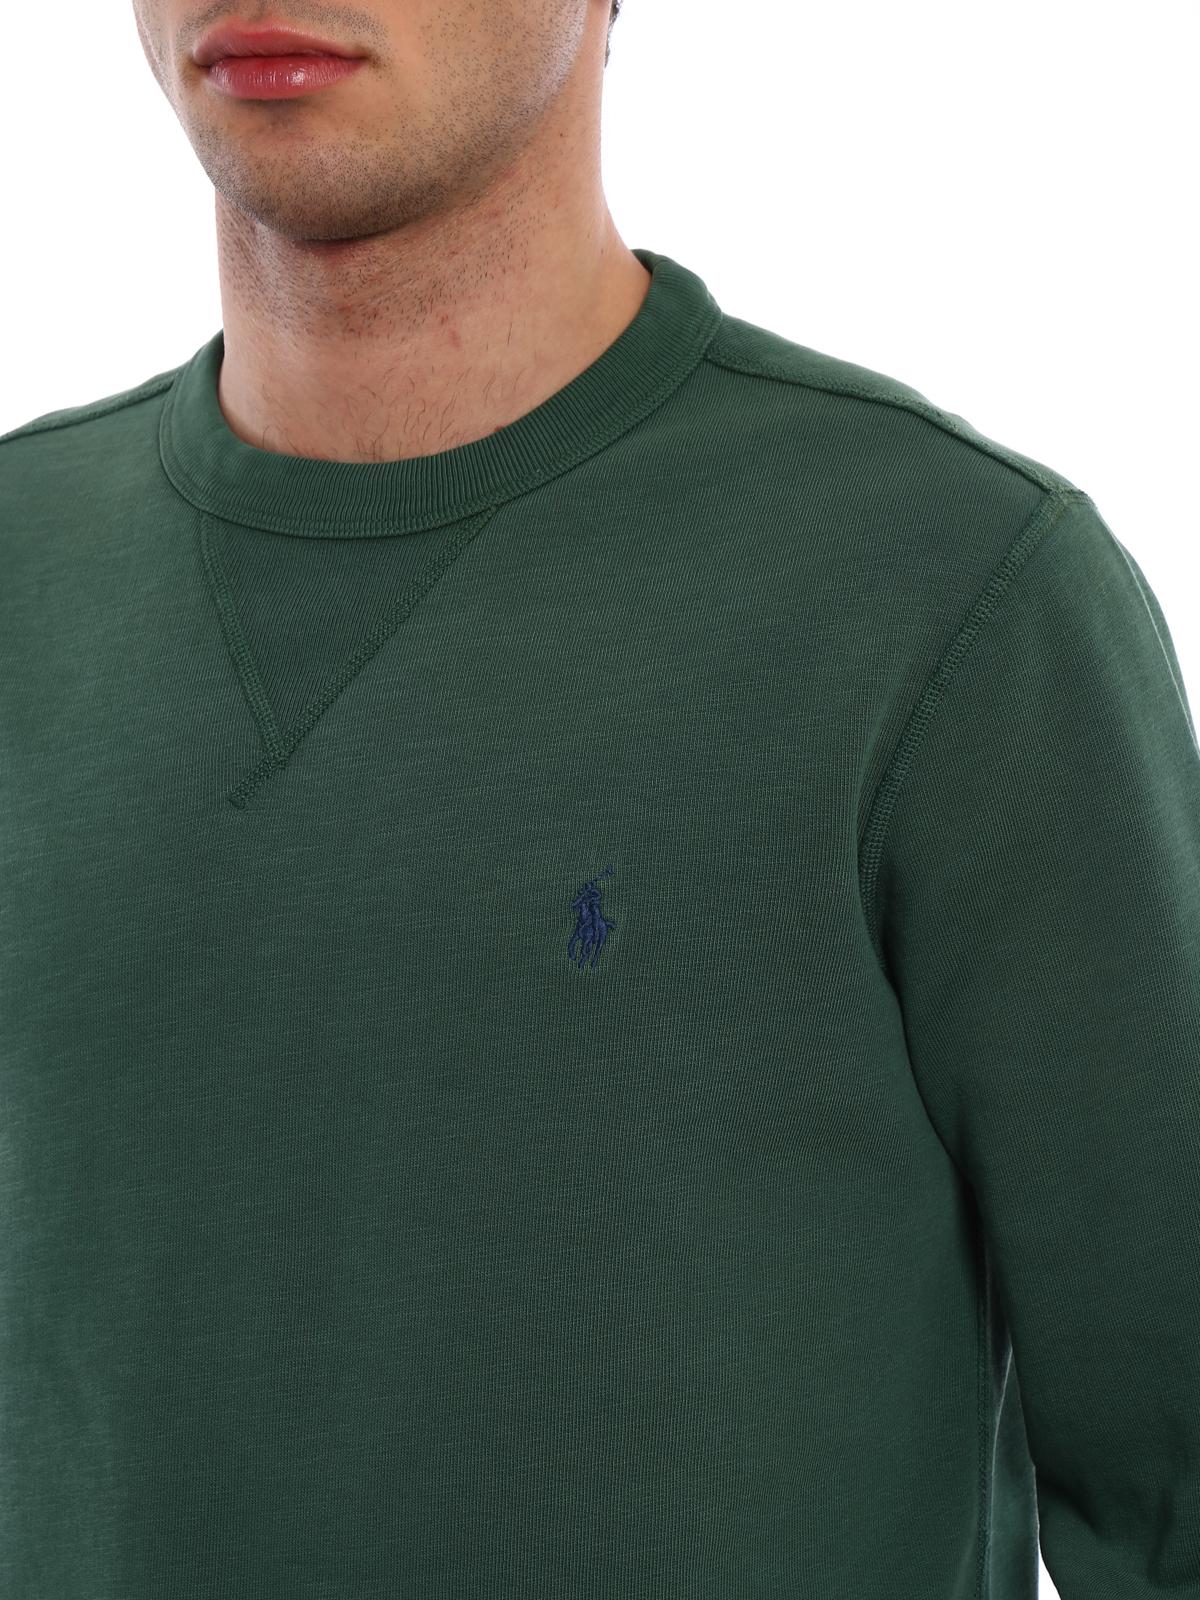 billig werden ausgewähltes Material Rabatt Polo Ralph Lauren - Sweatshirt - Grün - Sweatshirts und ...